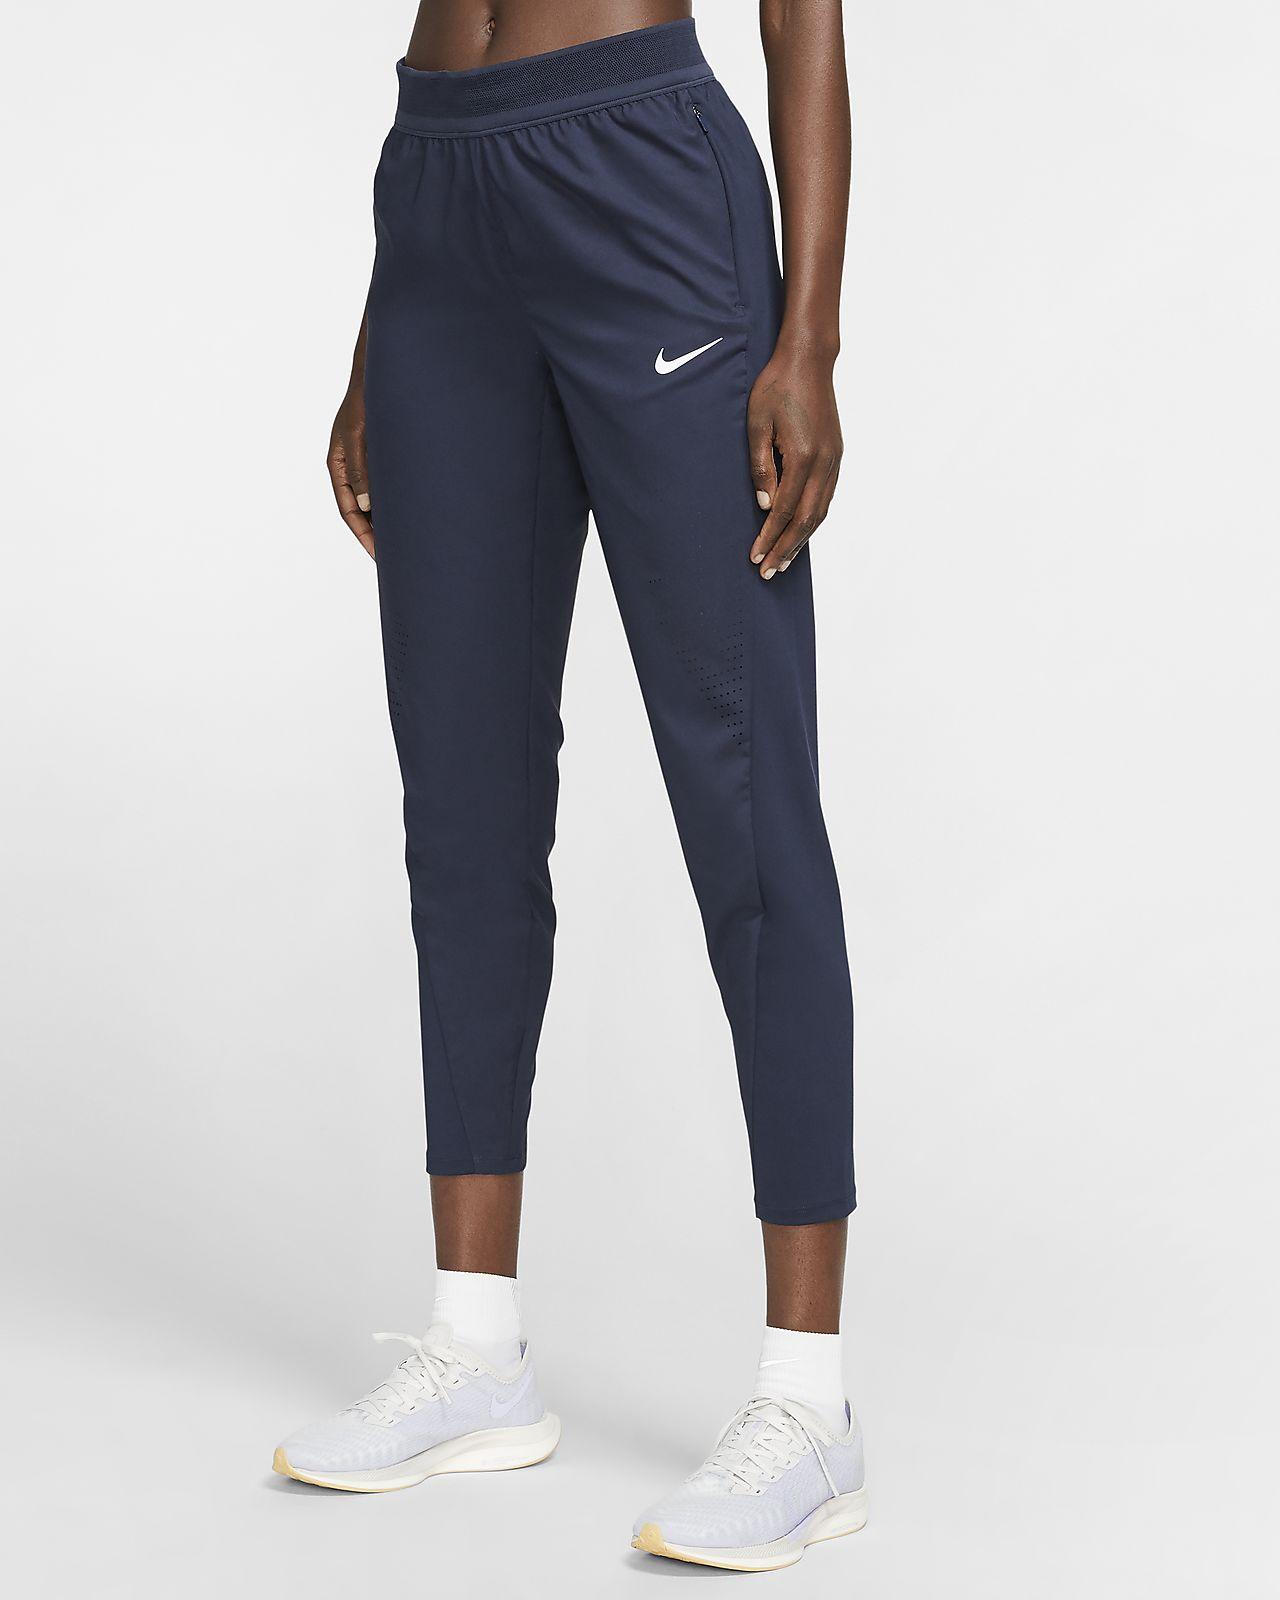 Pantaloni da running Nike Swift - Donna